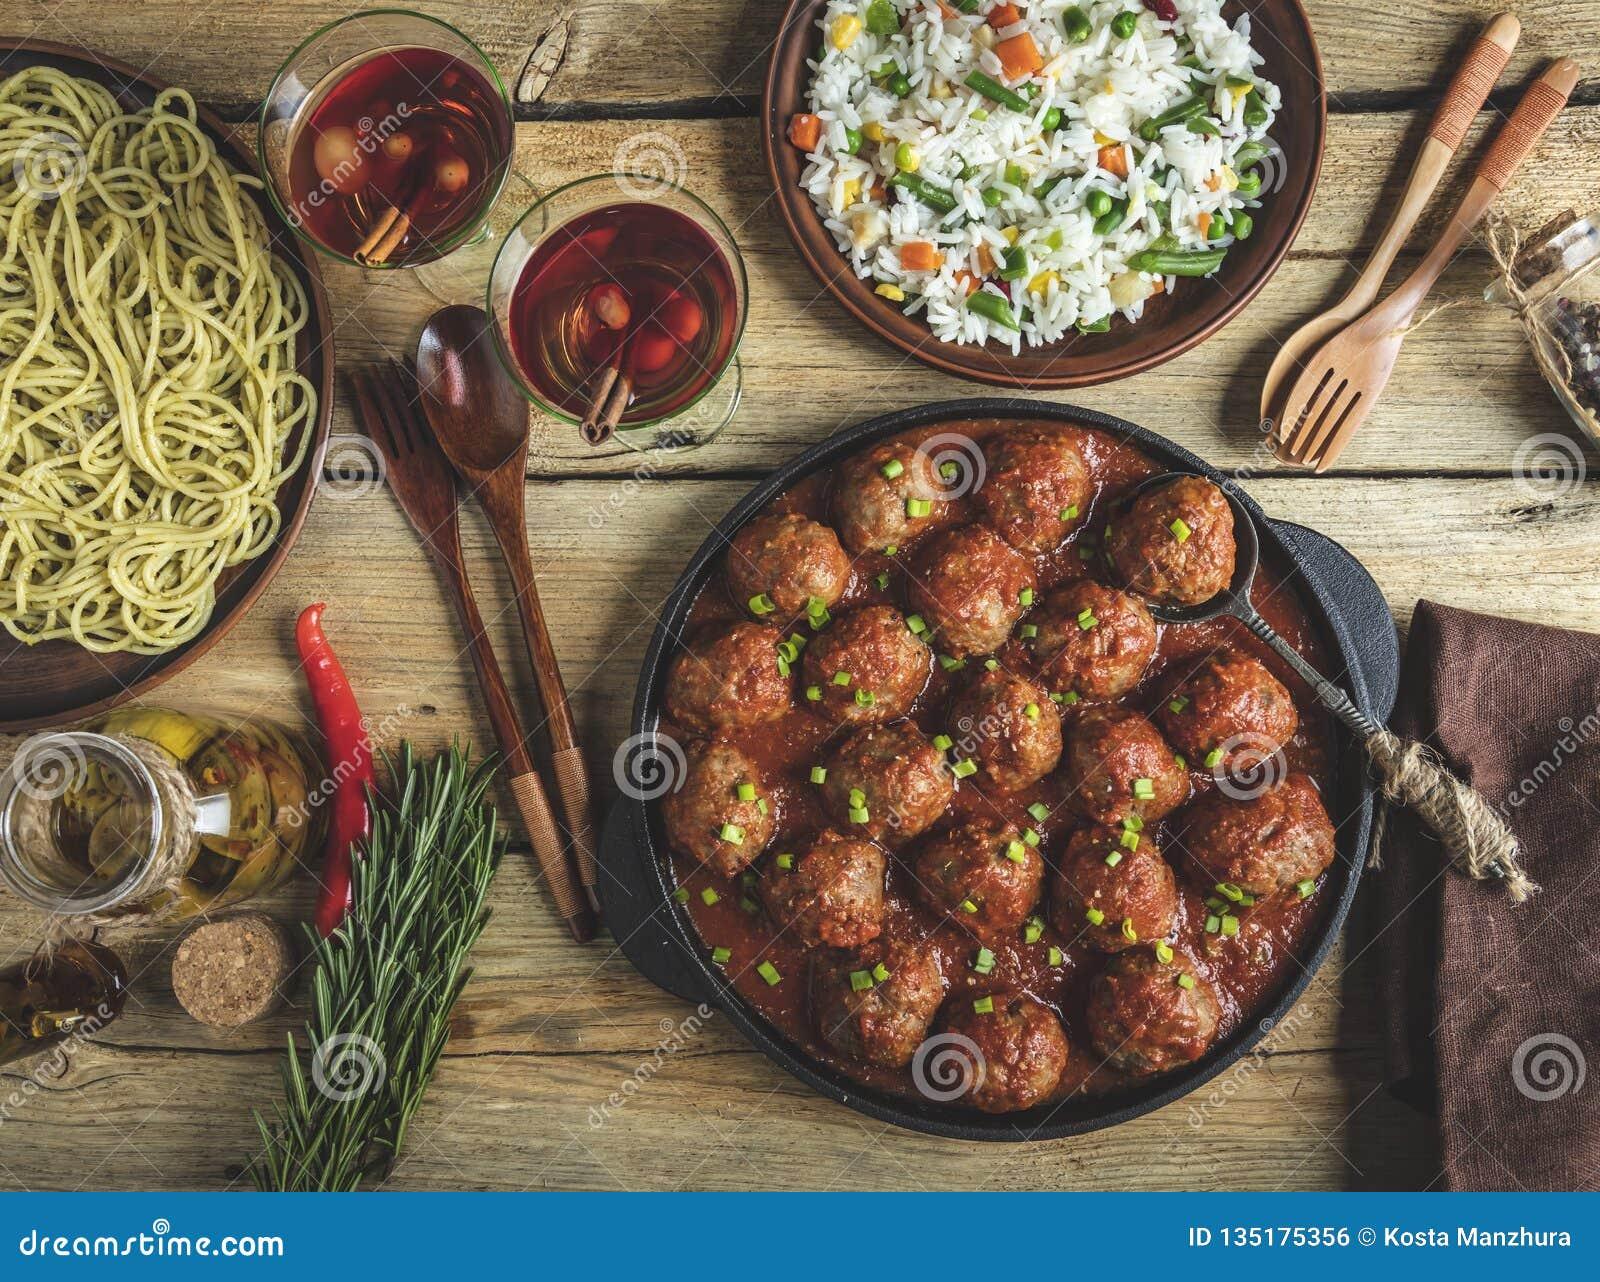 Домодельные фрикадельки в томатном соусе Сковорода на деревянной поверхности, рис с овощами, макаронные изделия